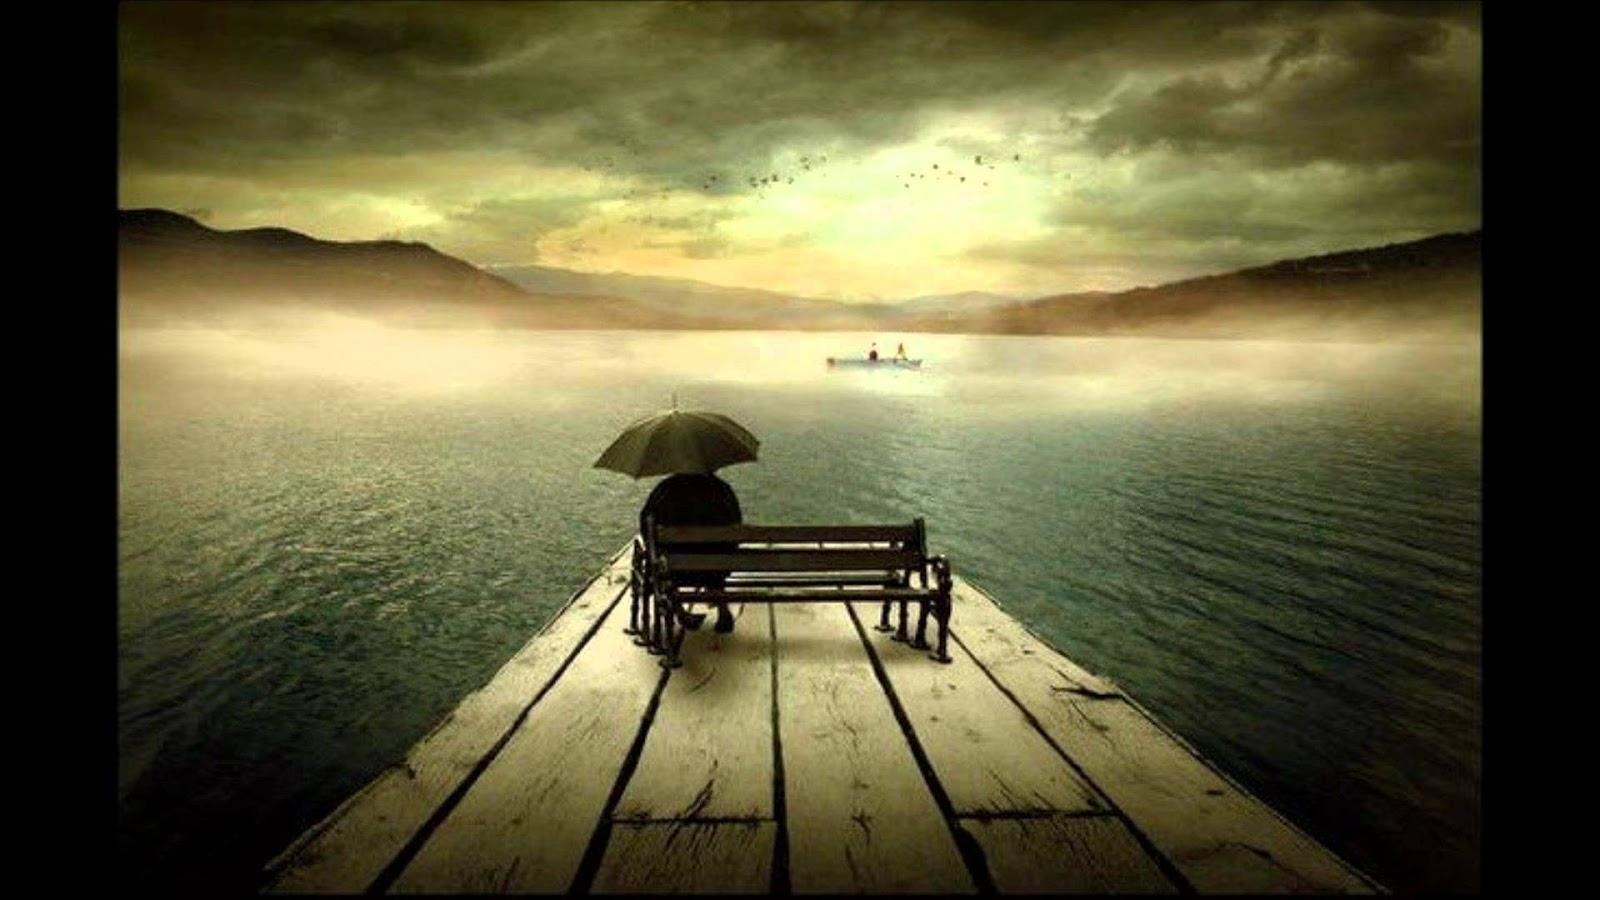 Lonely Girl Walking In Rain Wallpaper Banco De Imagenes Y Fotos Gratis Imagenes Tristes Parte 6